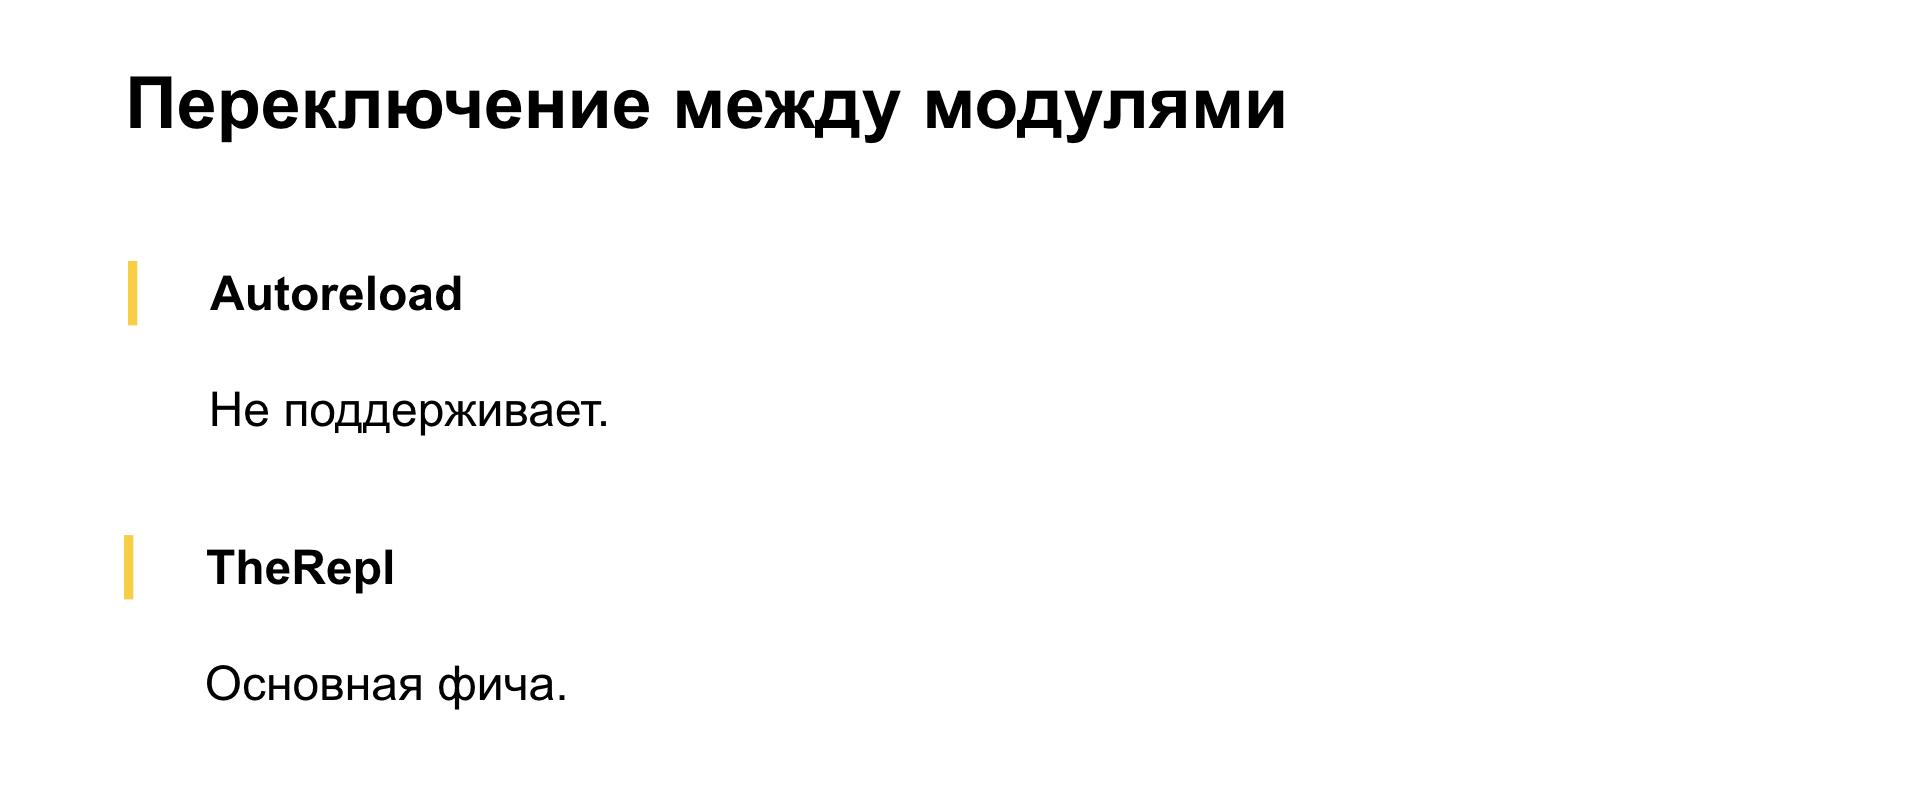 Бесполезный REPL. Доклад Яндекса - 3